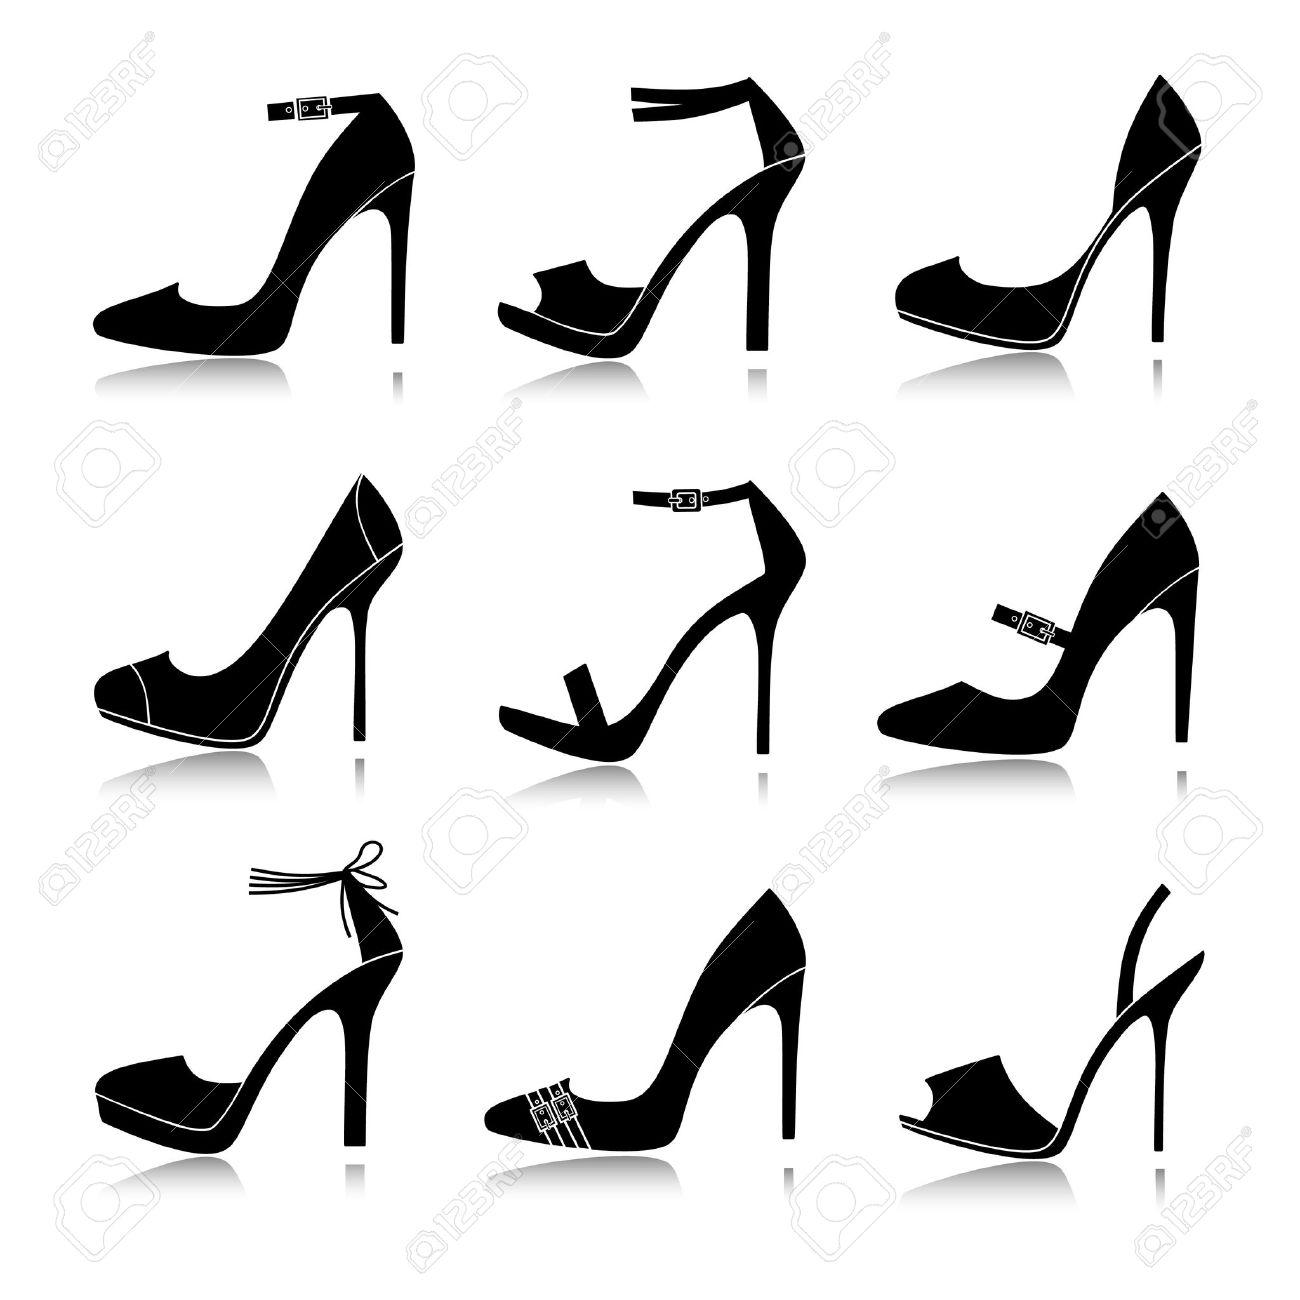 Europe@s suman, American@s restan - Página 30 12394138-ilustraci%C3%B3n-vectorial-de-nueve-modelos-diferentes-de-zapatos-de-tac%C3%B3n-alto-cada-uno-de-ellos-se-agrupan-y-